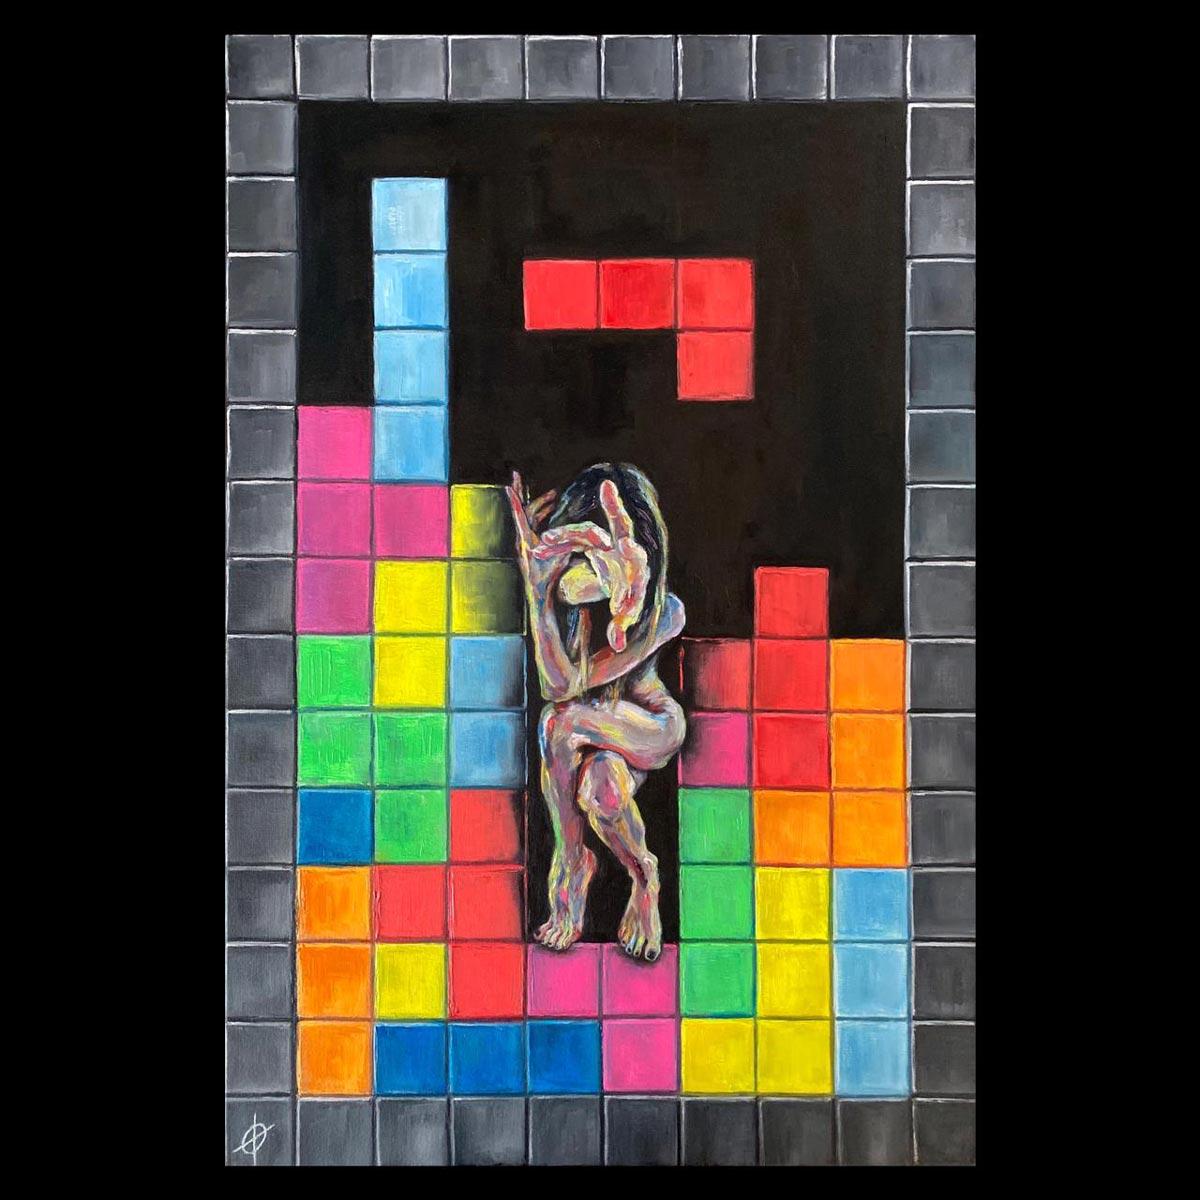 Tetris life, Sin Galeria, Lena Mitrofanova